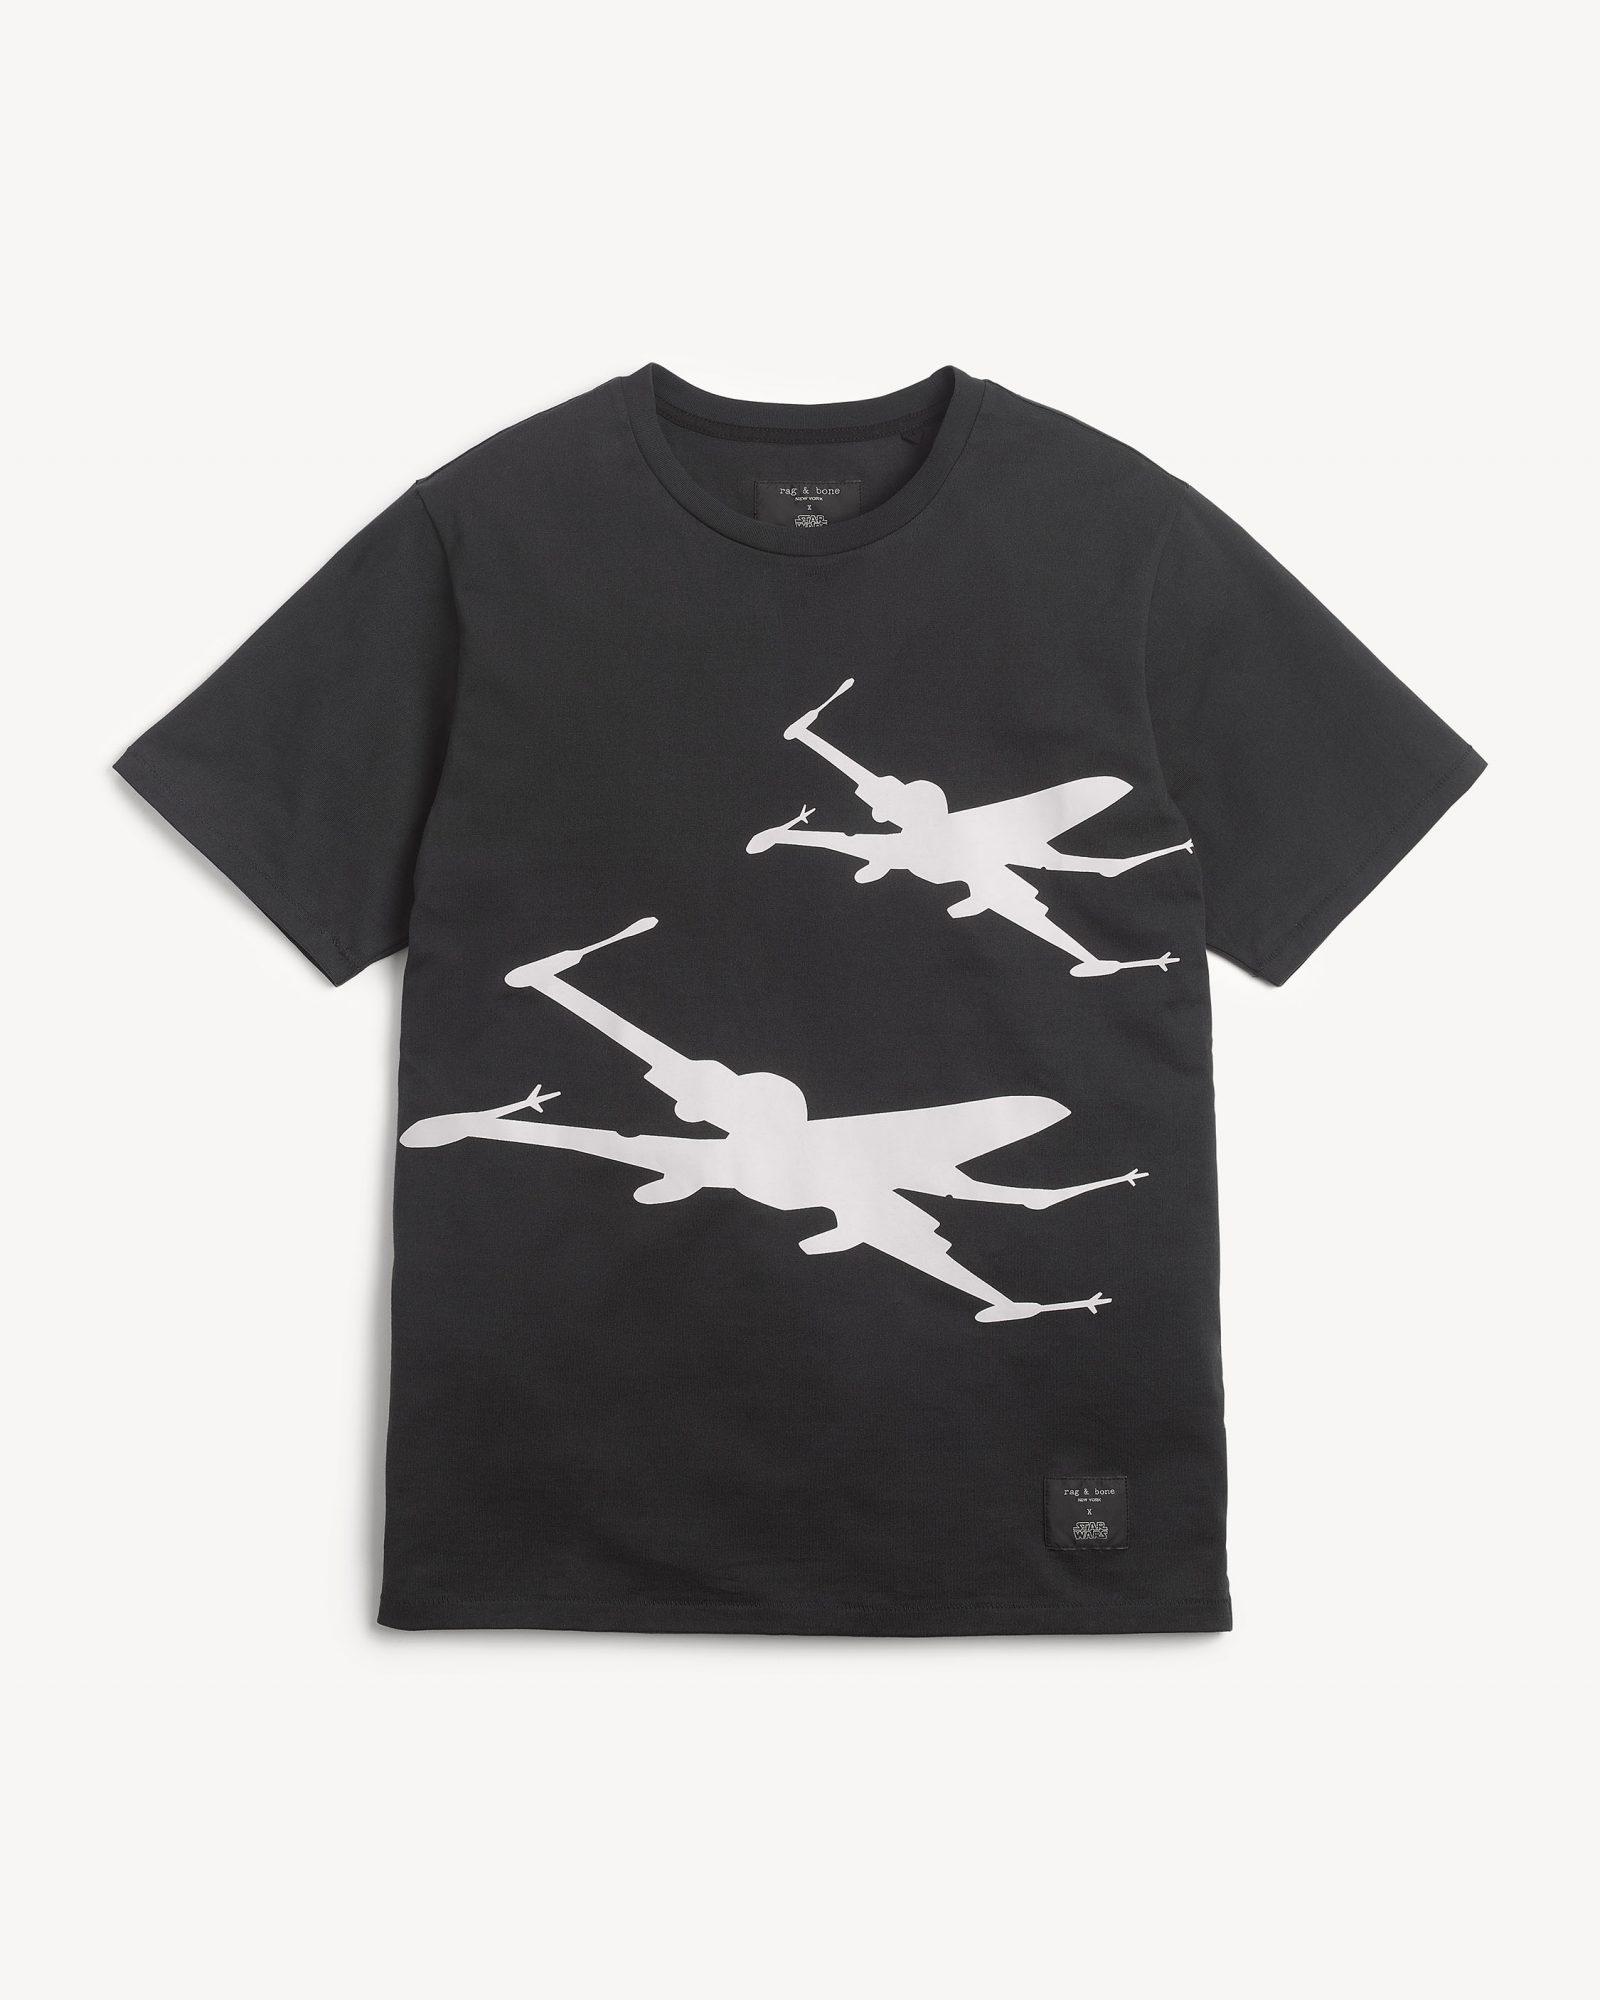 X-Wing-Tee-in-Black.jpg